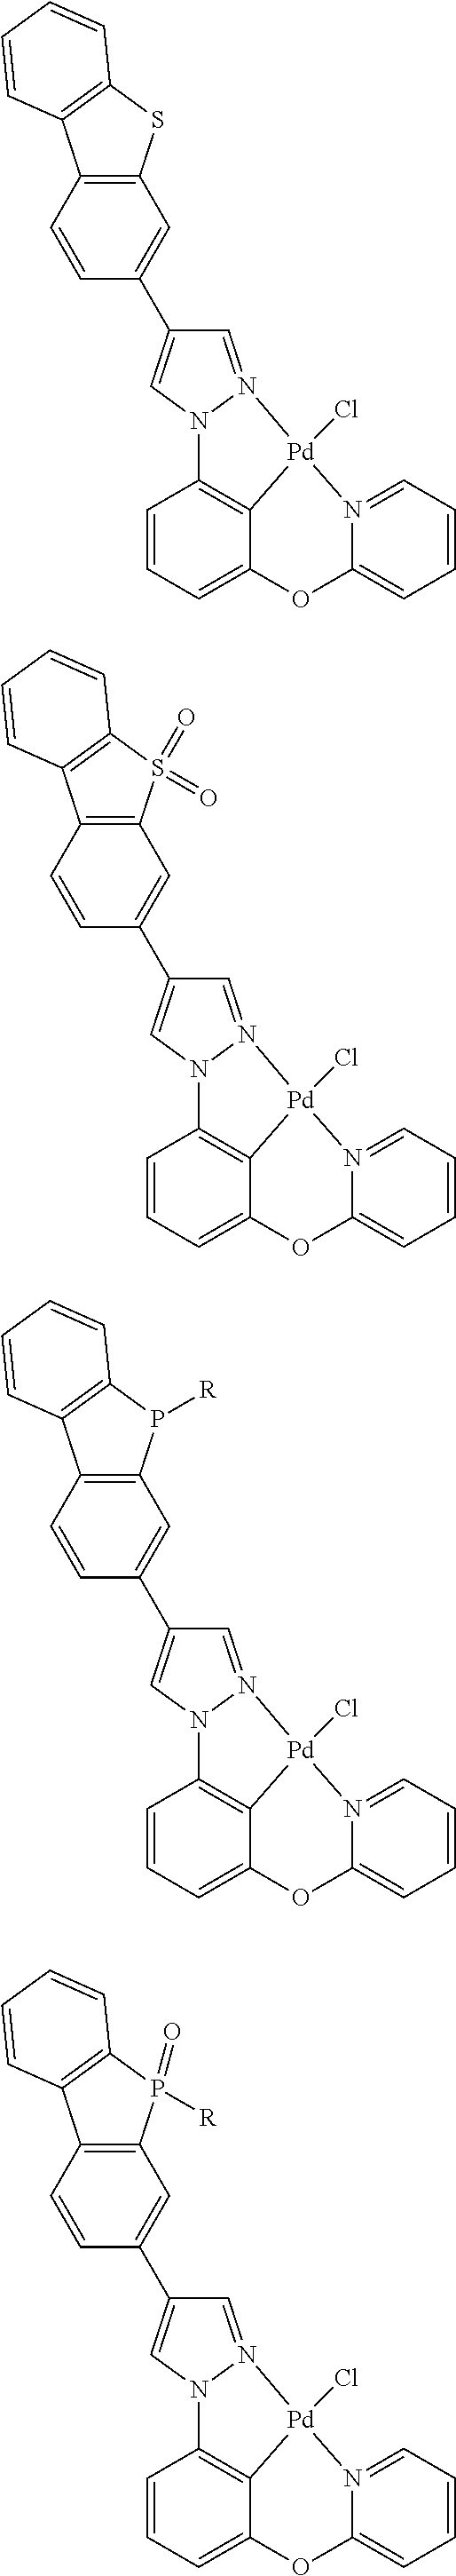 Figure US09818959-20171114-C00524